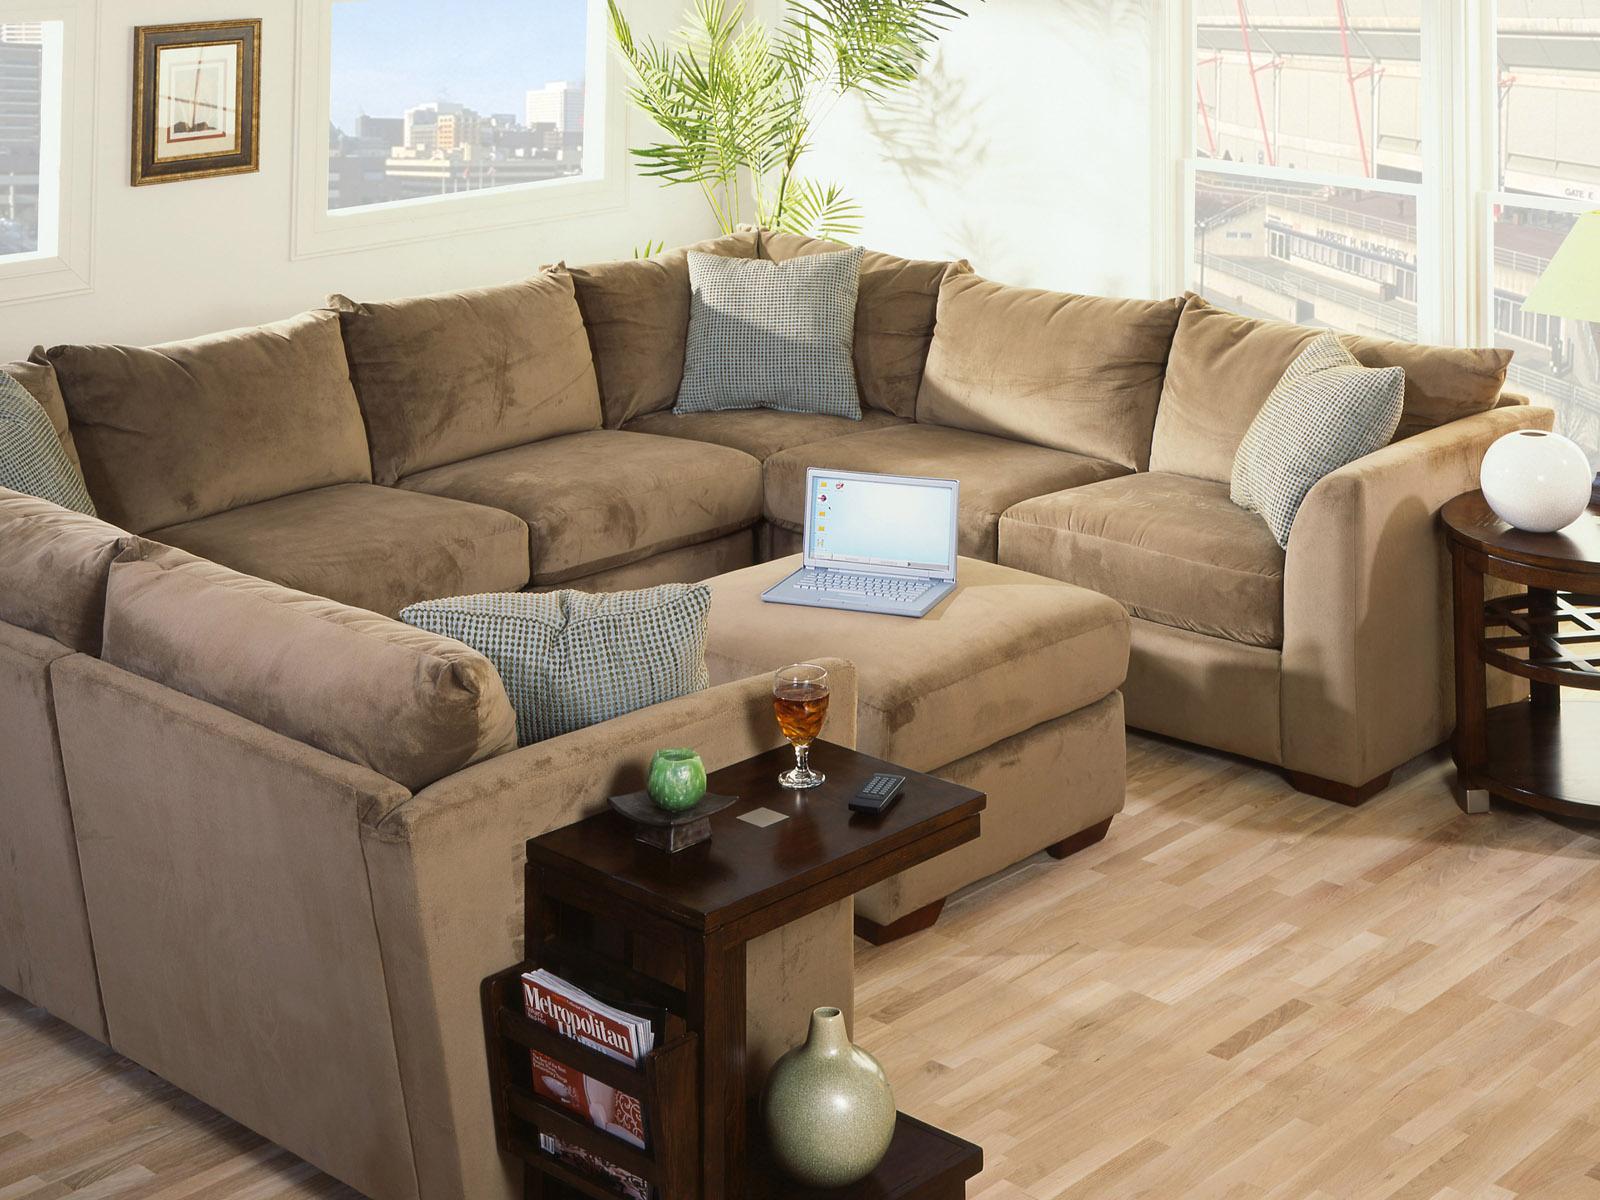 Большой бежевый диван с пуфом